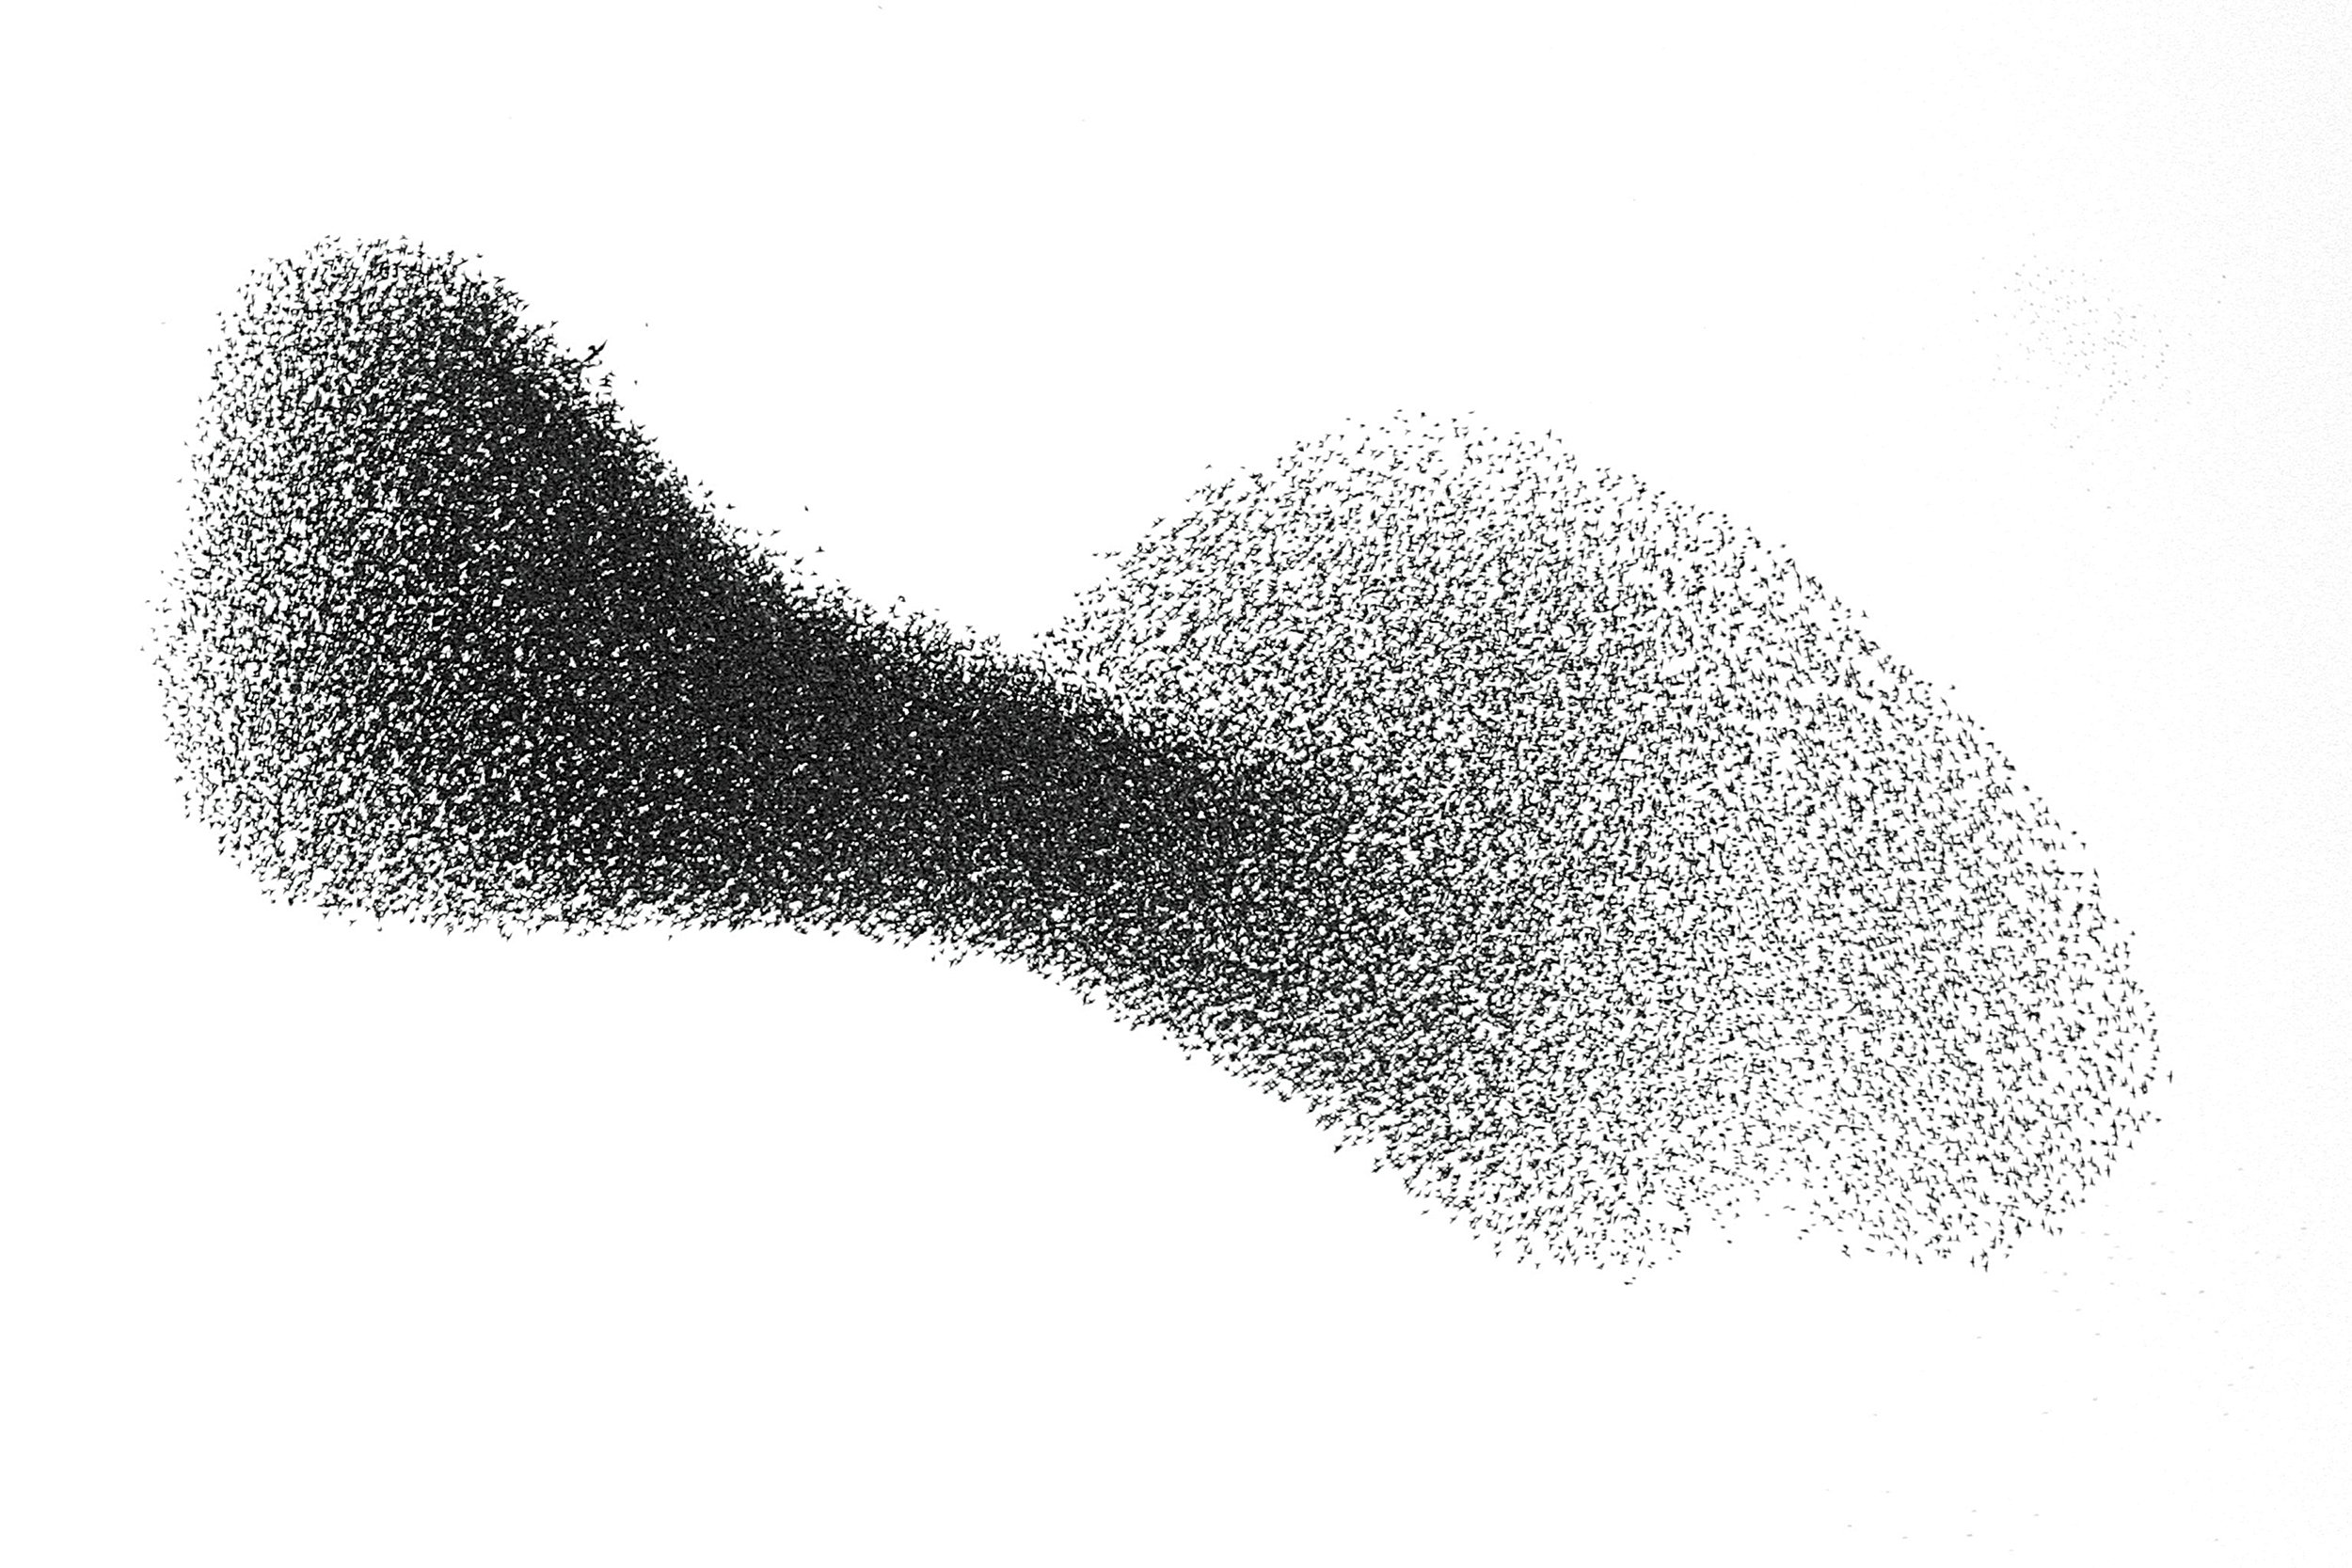 5.16_FE0220_Swarms_01